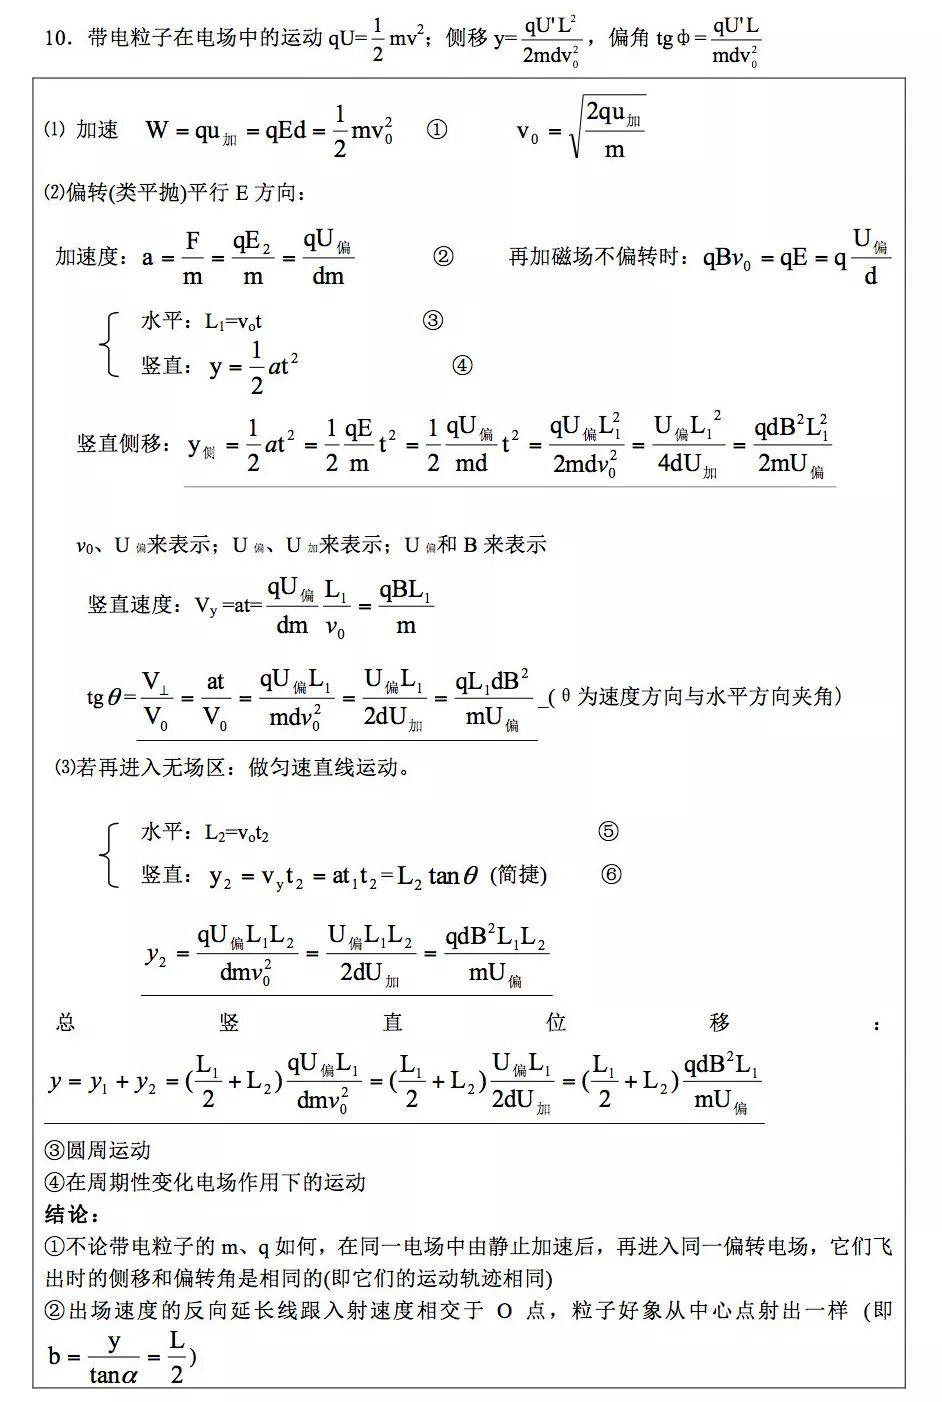 高中物理电学公式汇总-有考网